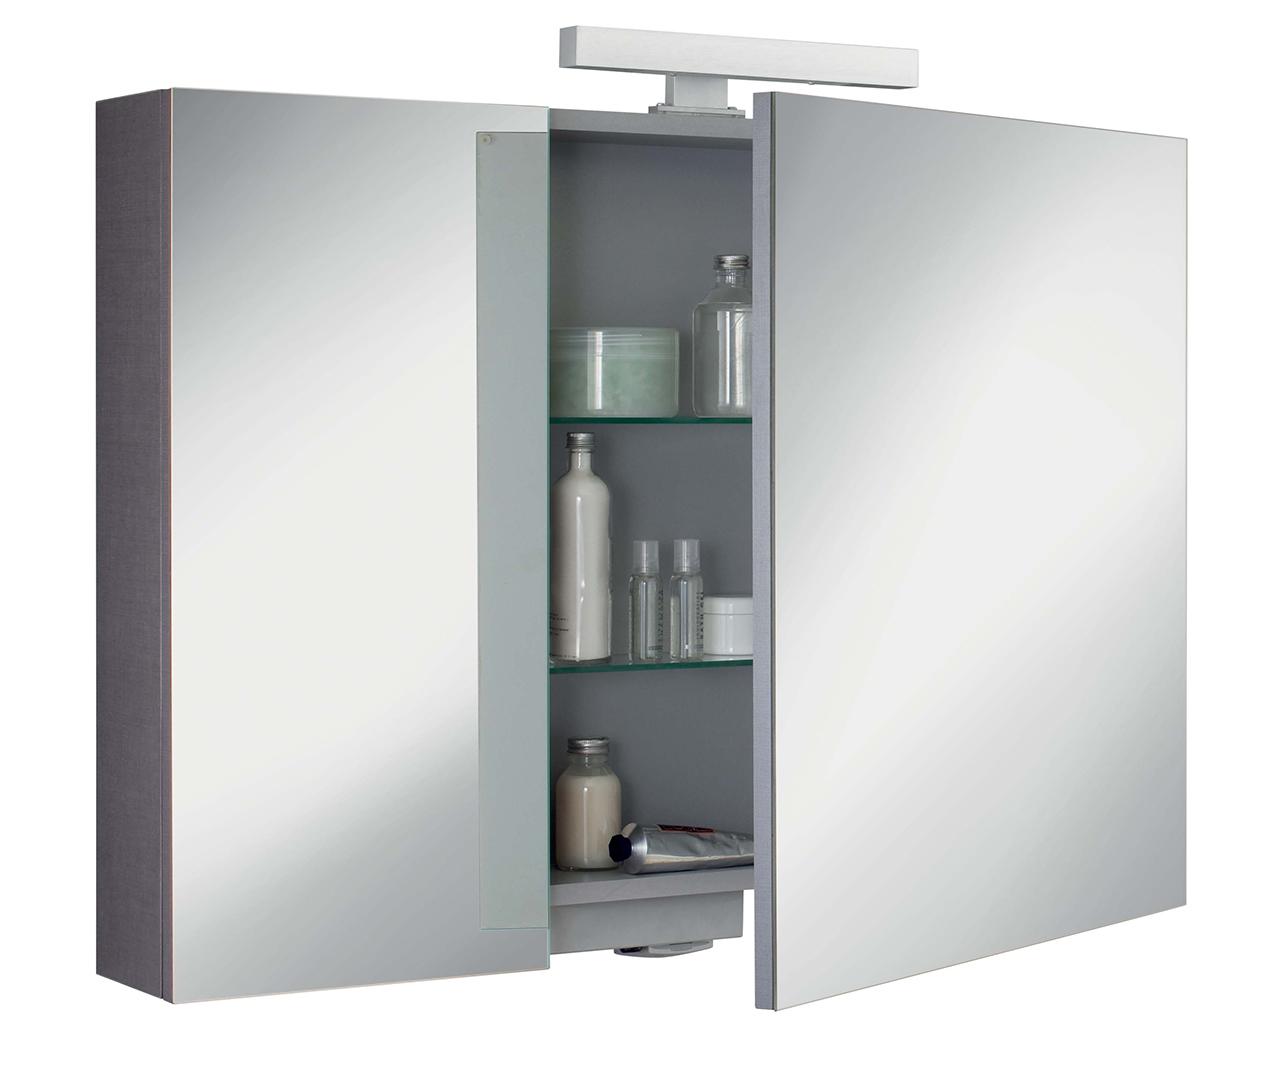 Hauteur Armoire De Toilette gamme box, armoire de salle de bain, armoire toilette - sanijura